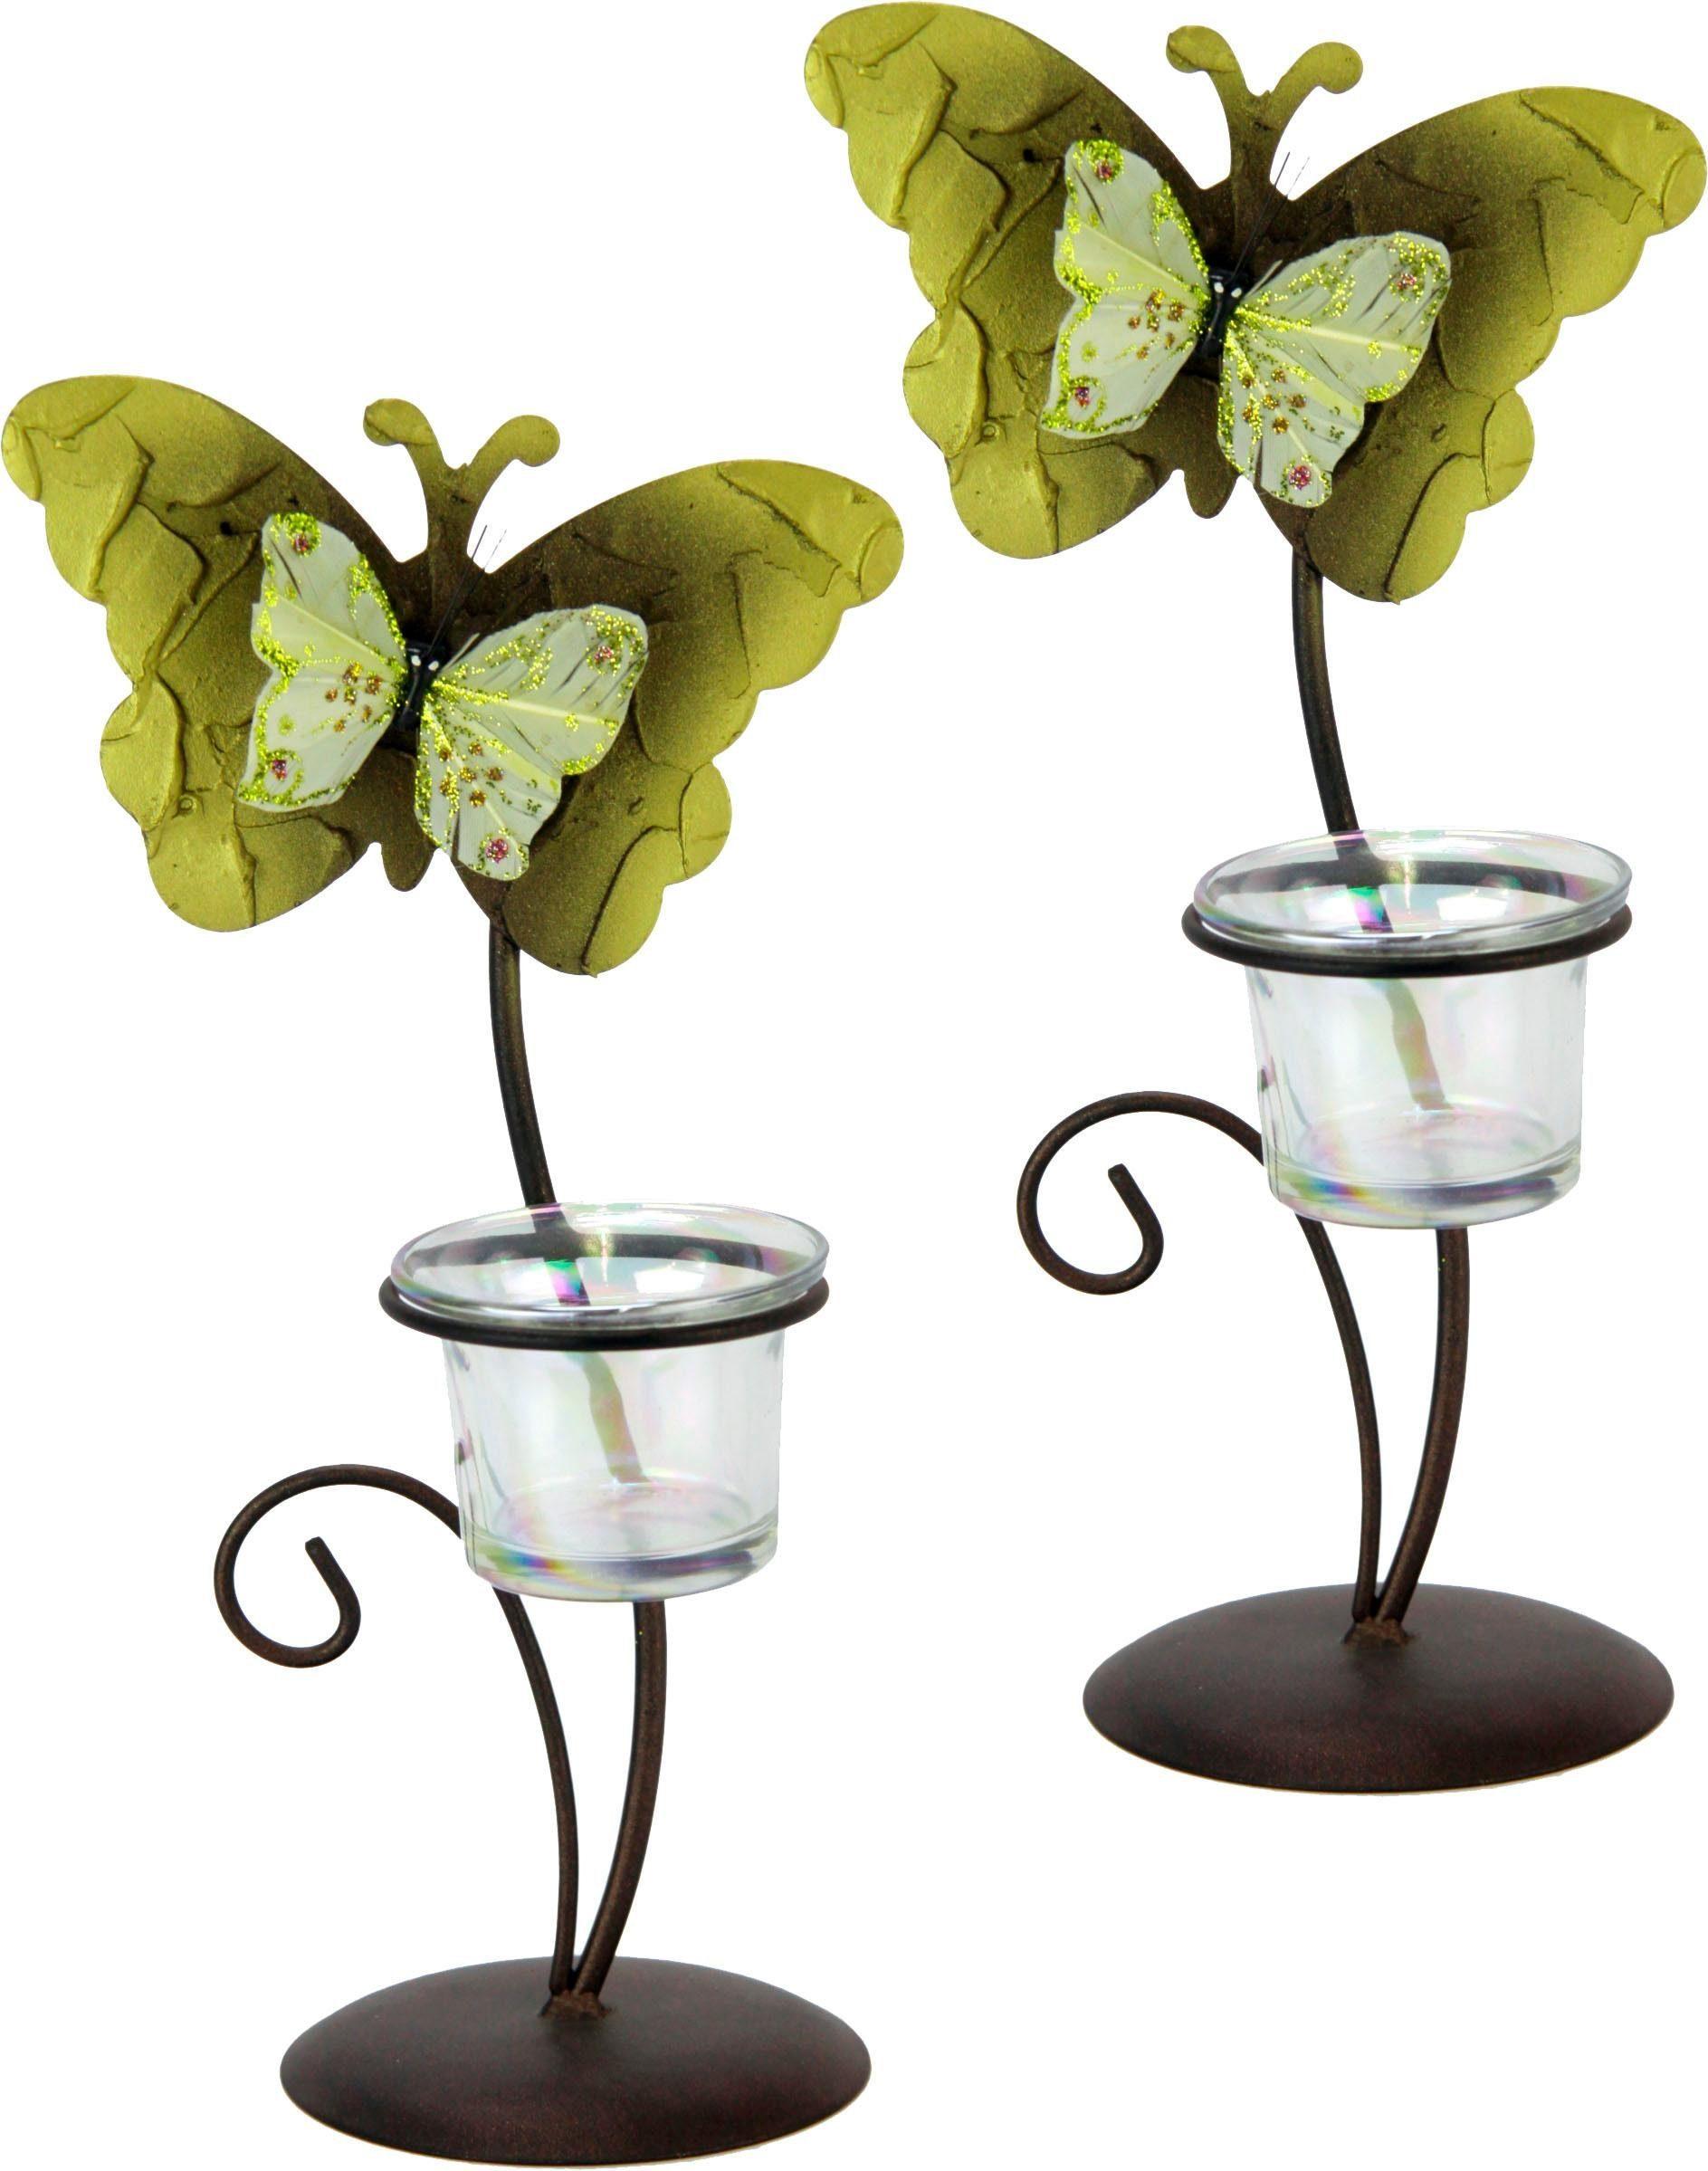 Home Affaire Metall-Teelichthalter mit Schmetterlingsdekoration (2er Set)